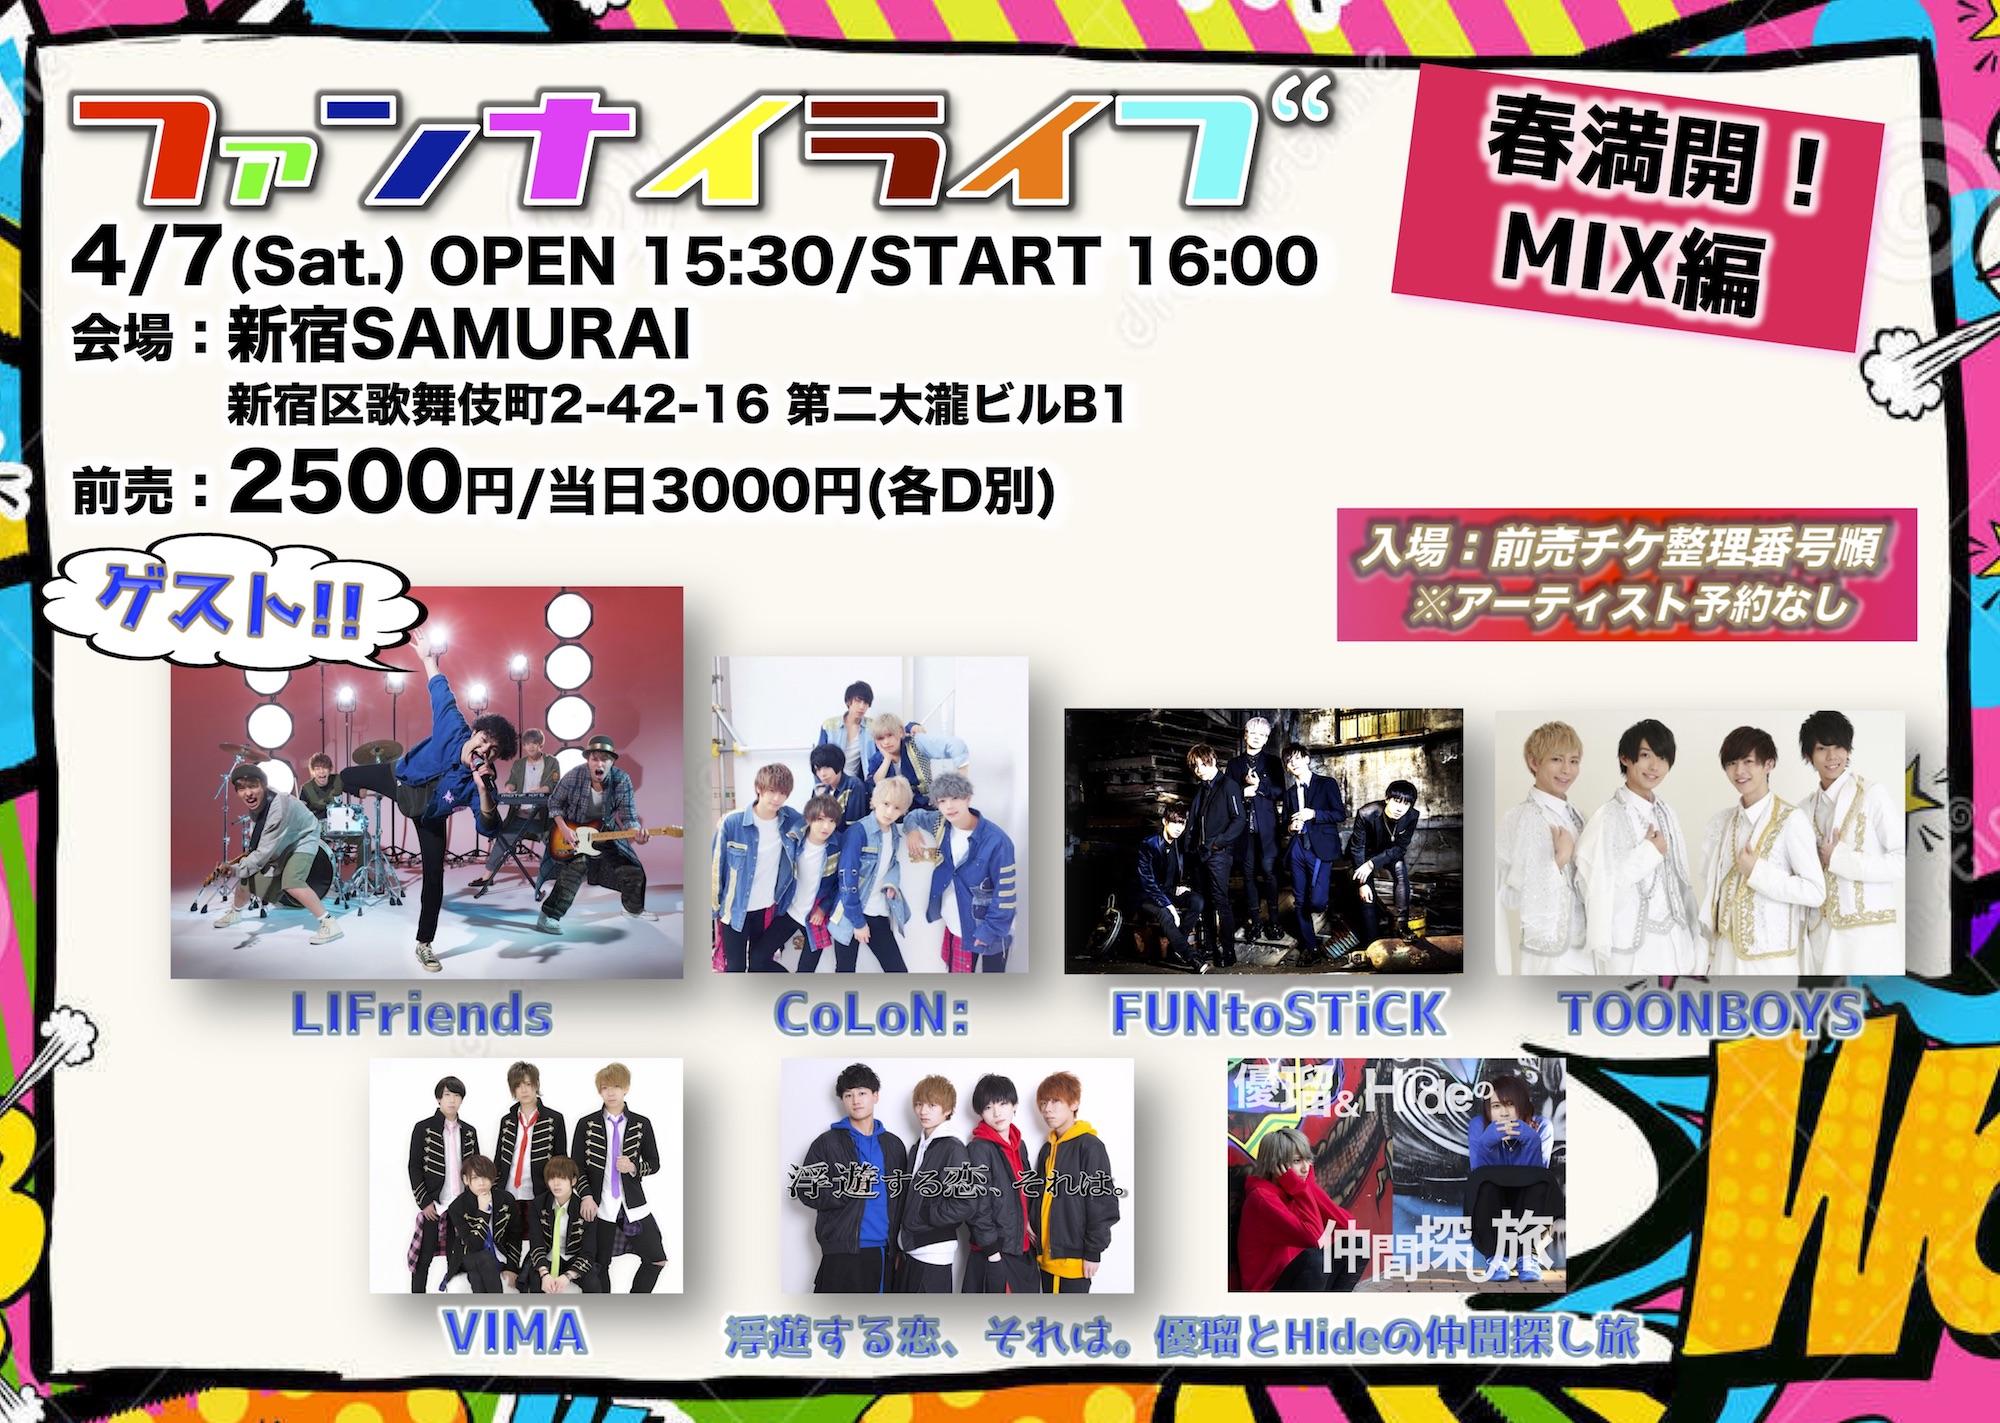 ファンナイLIVE 〜春満開!!MIX編〜